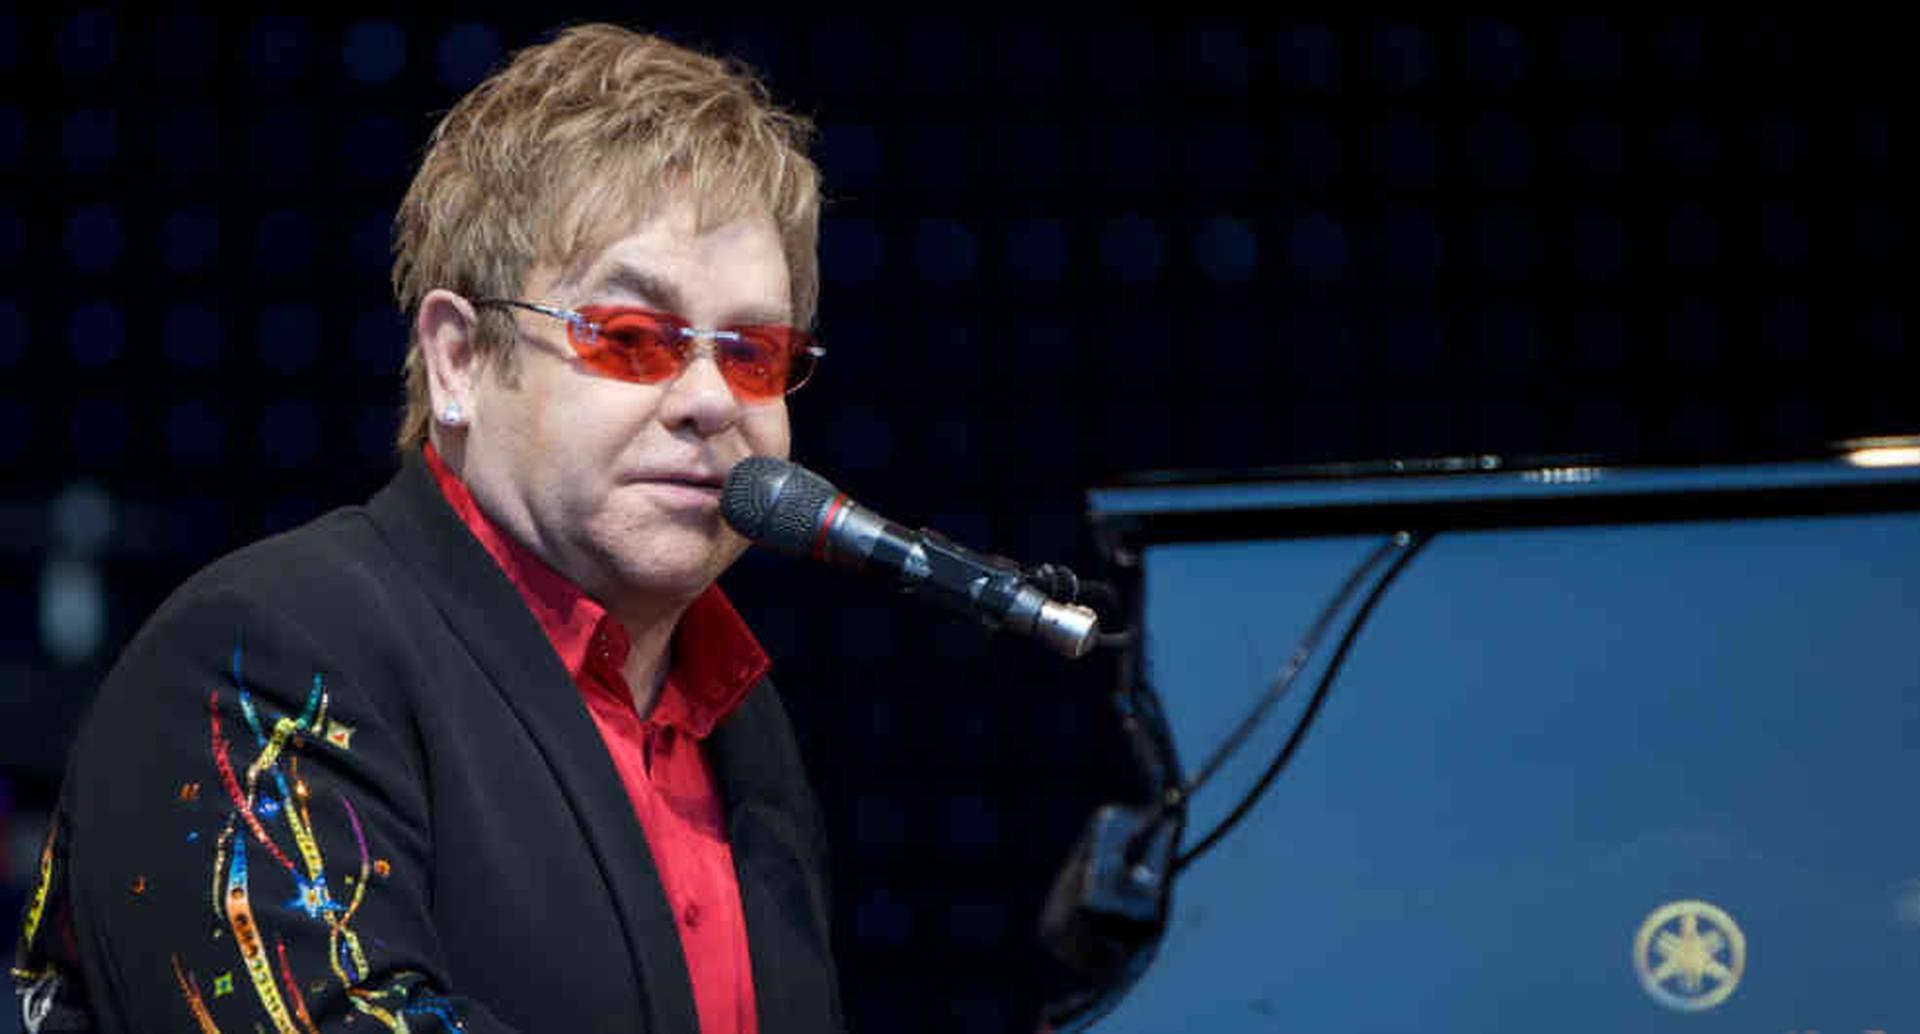 Elton John habla en su biografía de la cocaína, el alcohol y las relaciones tóxicas.